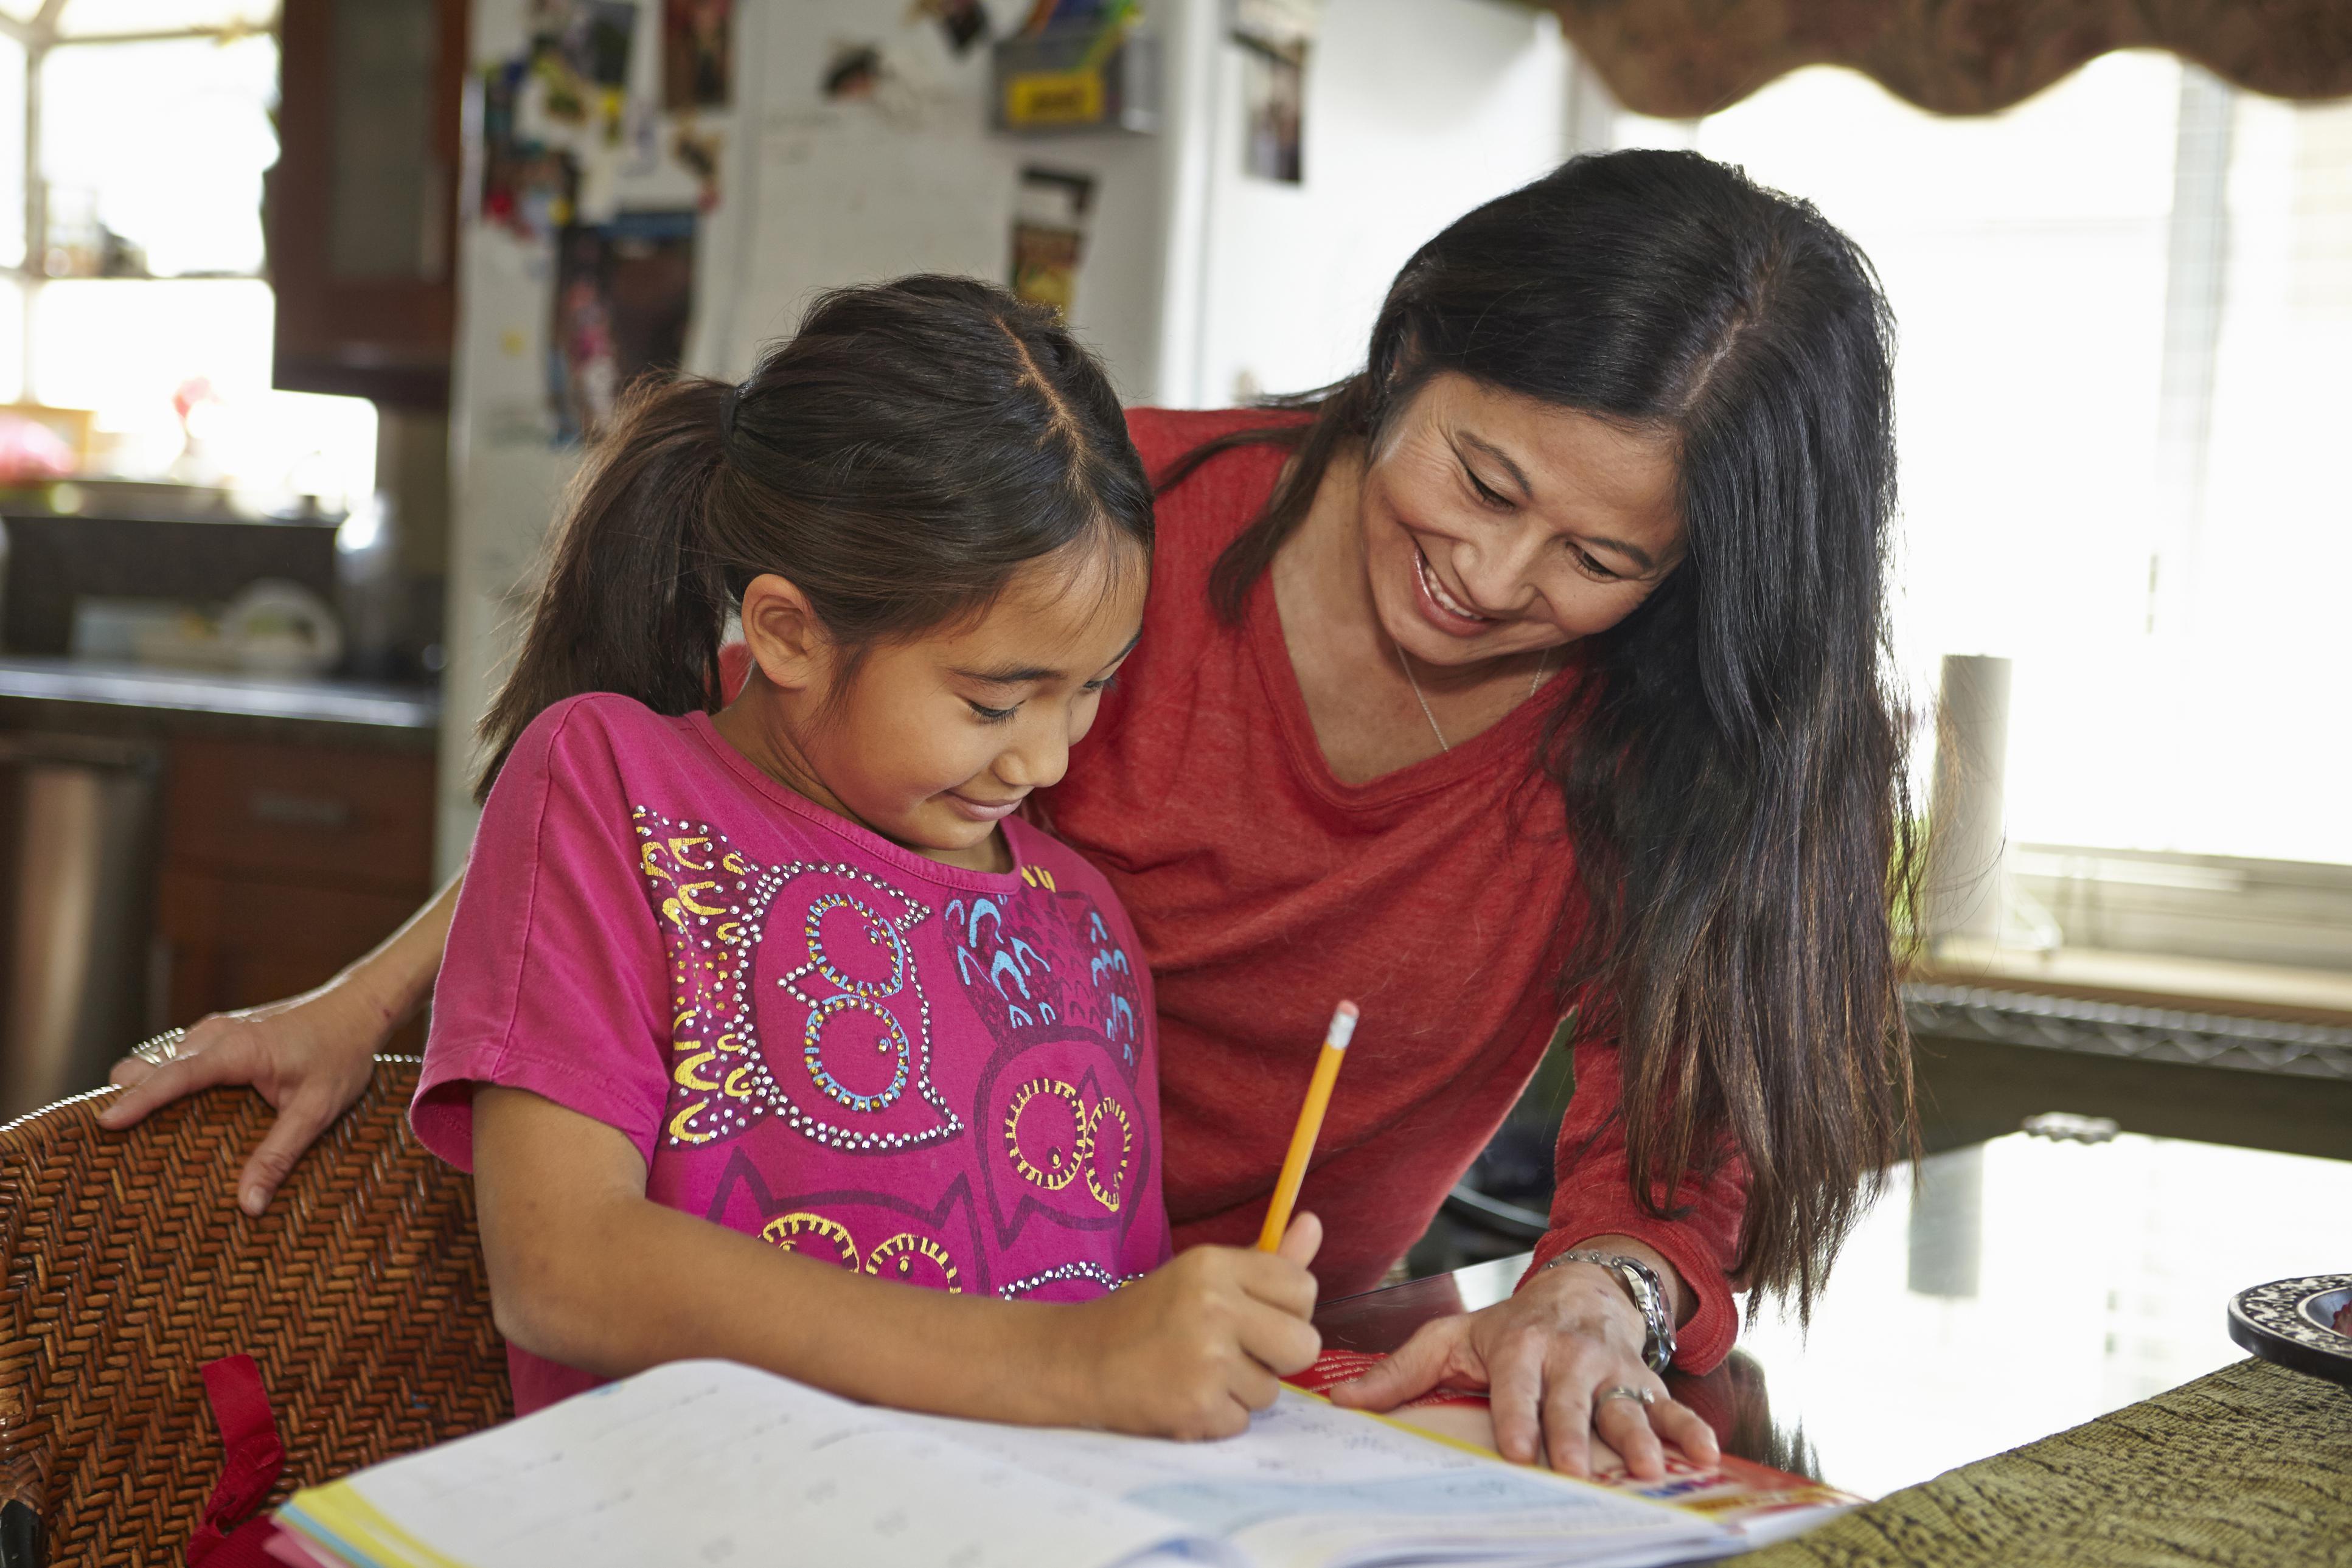 Create A Homework Contract Between Parents And Tweens